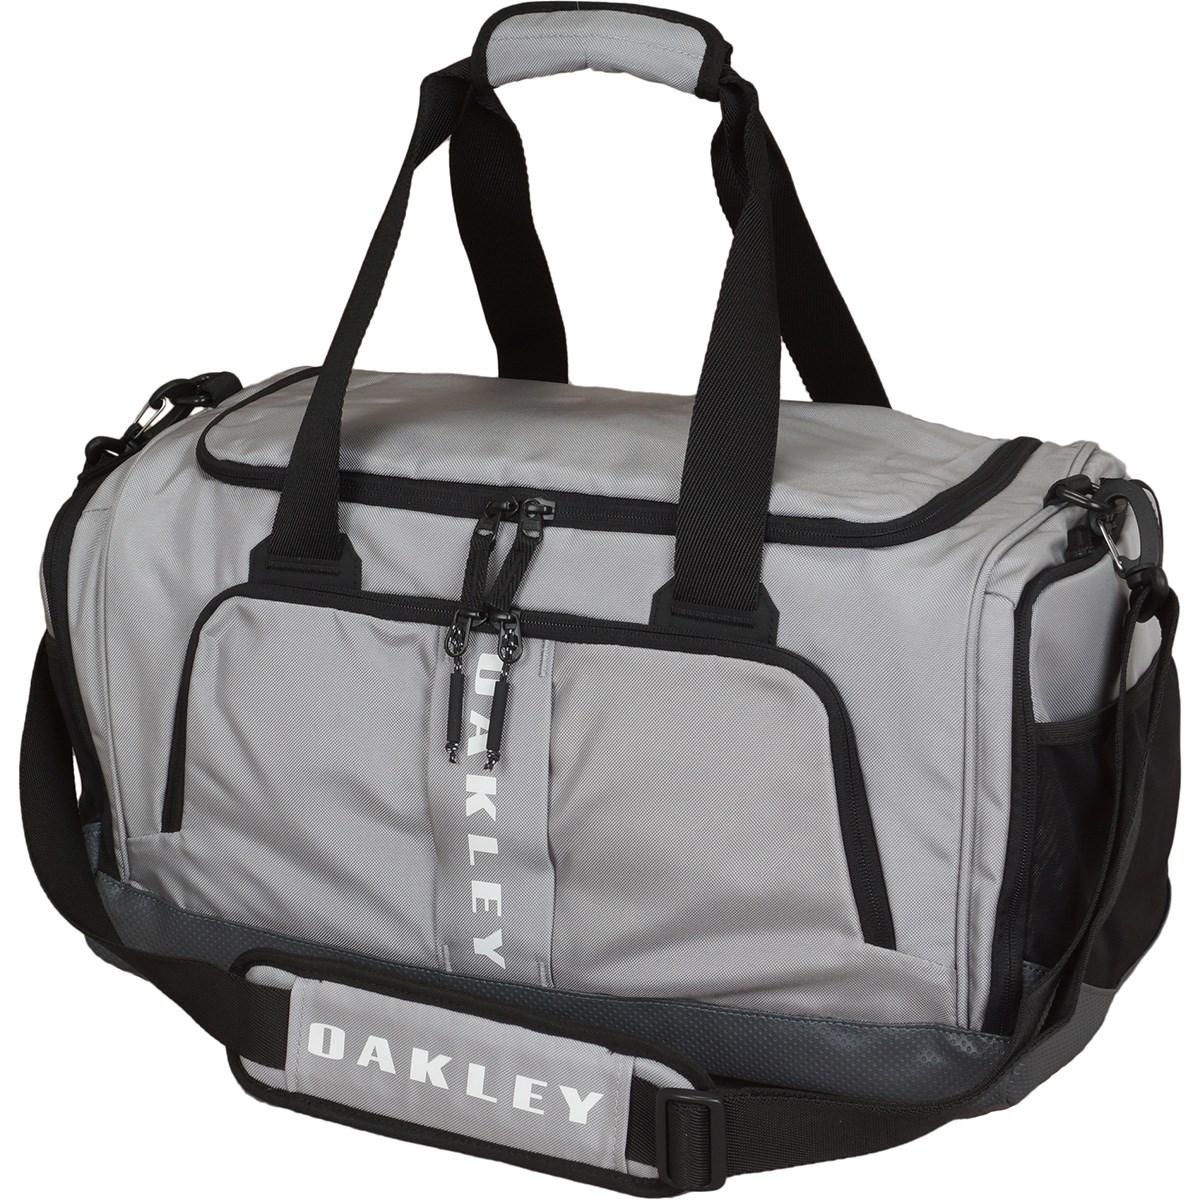 オークリー(OAKLEY) TOURNAMENT GOLF ボストンバッグ